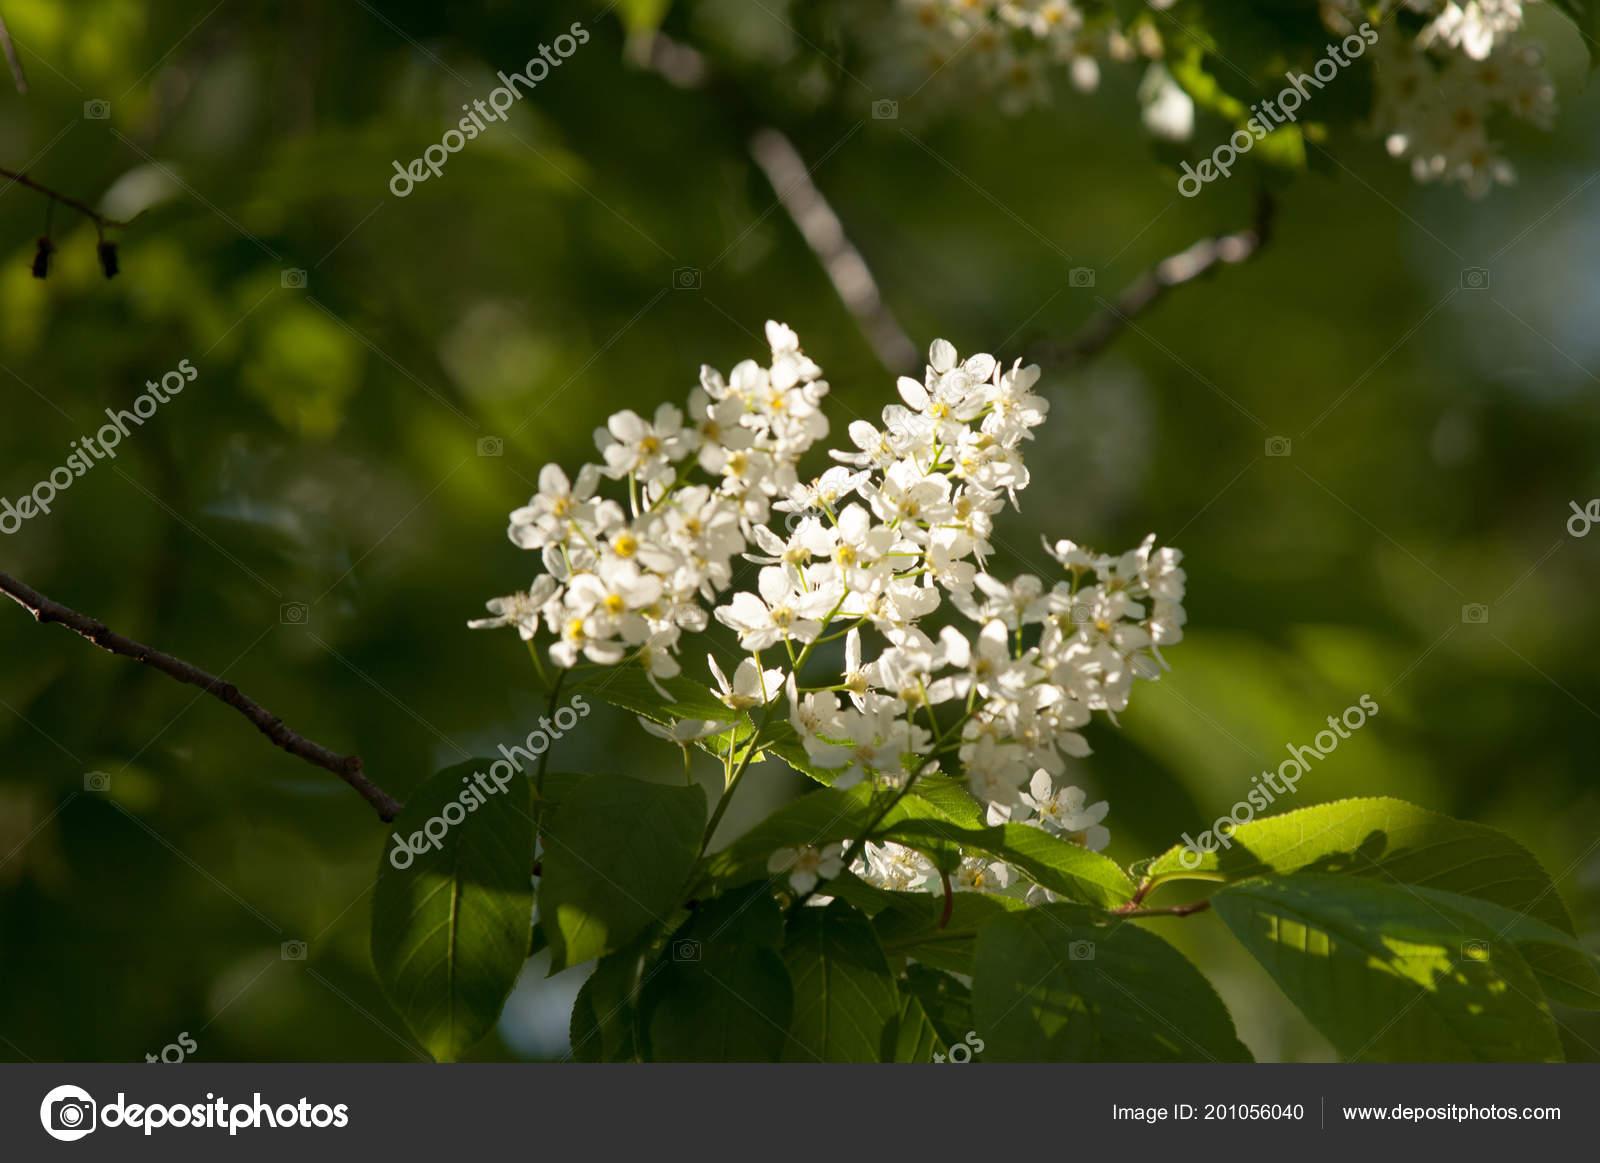 Fleurs Printemps Cerisier Des Oiseaux Arbre Avec Des Fleurs Blanches